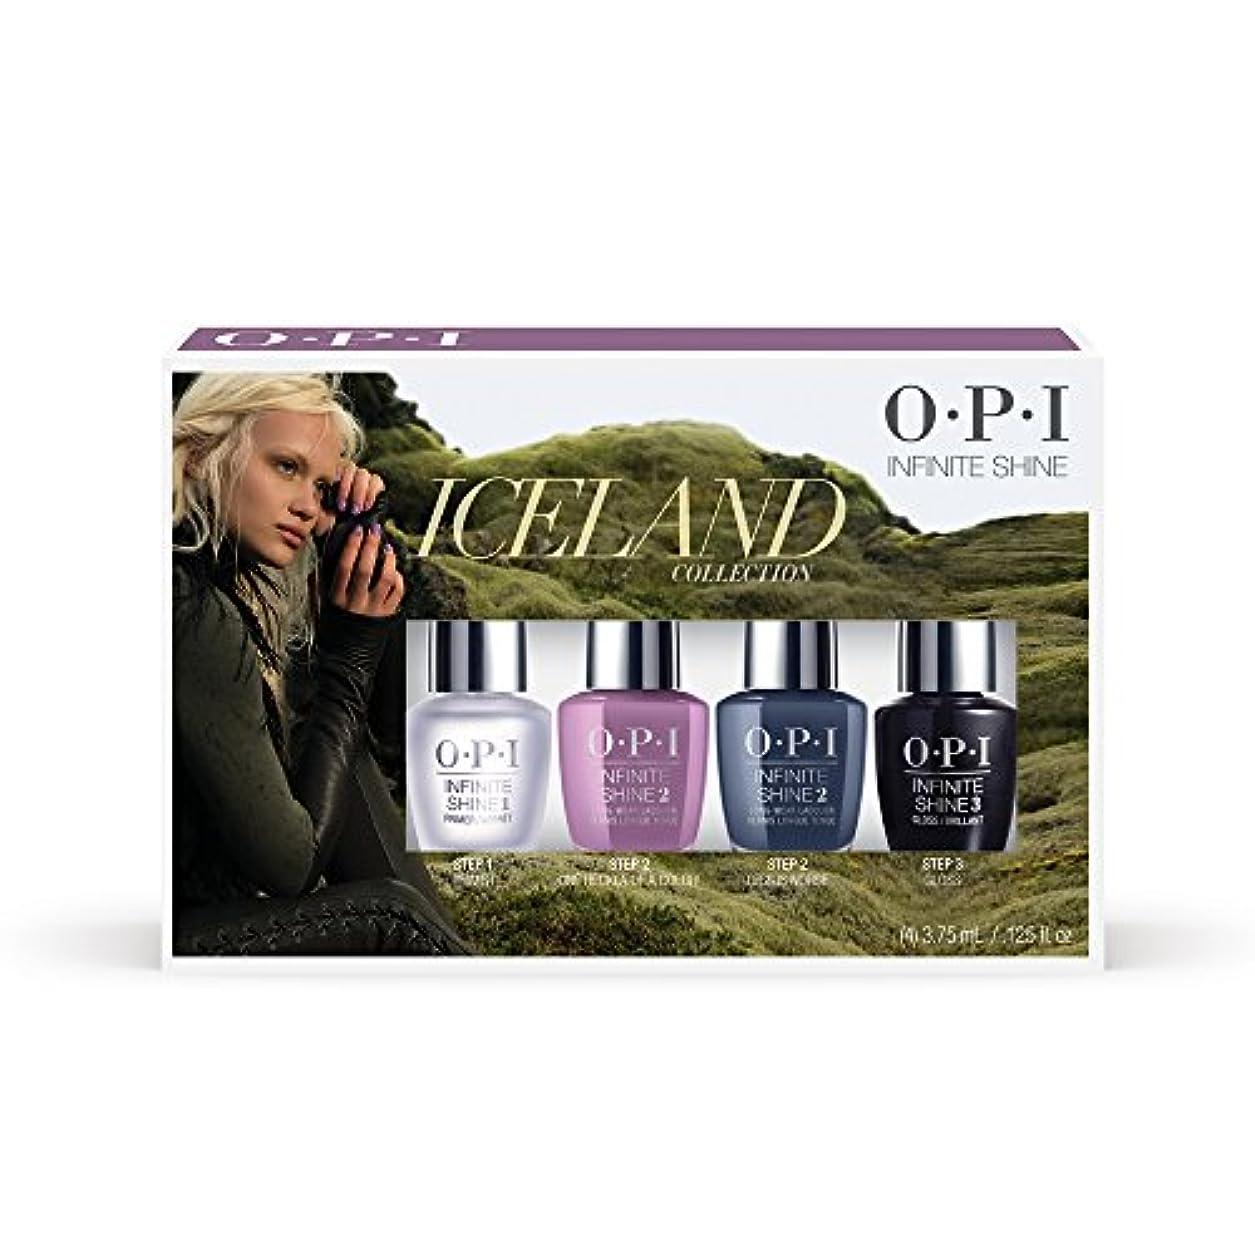 破壊的ケントピックOPI(オーピーアイ) アイスランド コレクション インフィニット シャイン ミニパック ミニパック ISDI7 単品